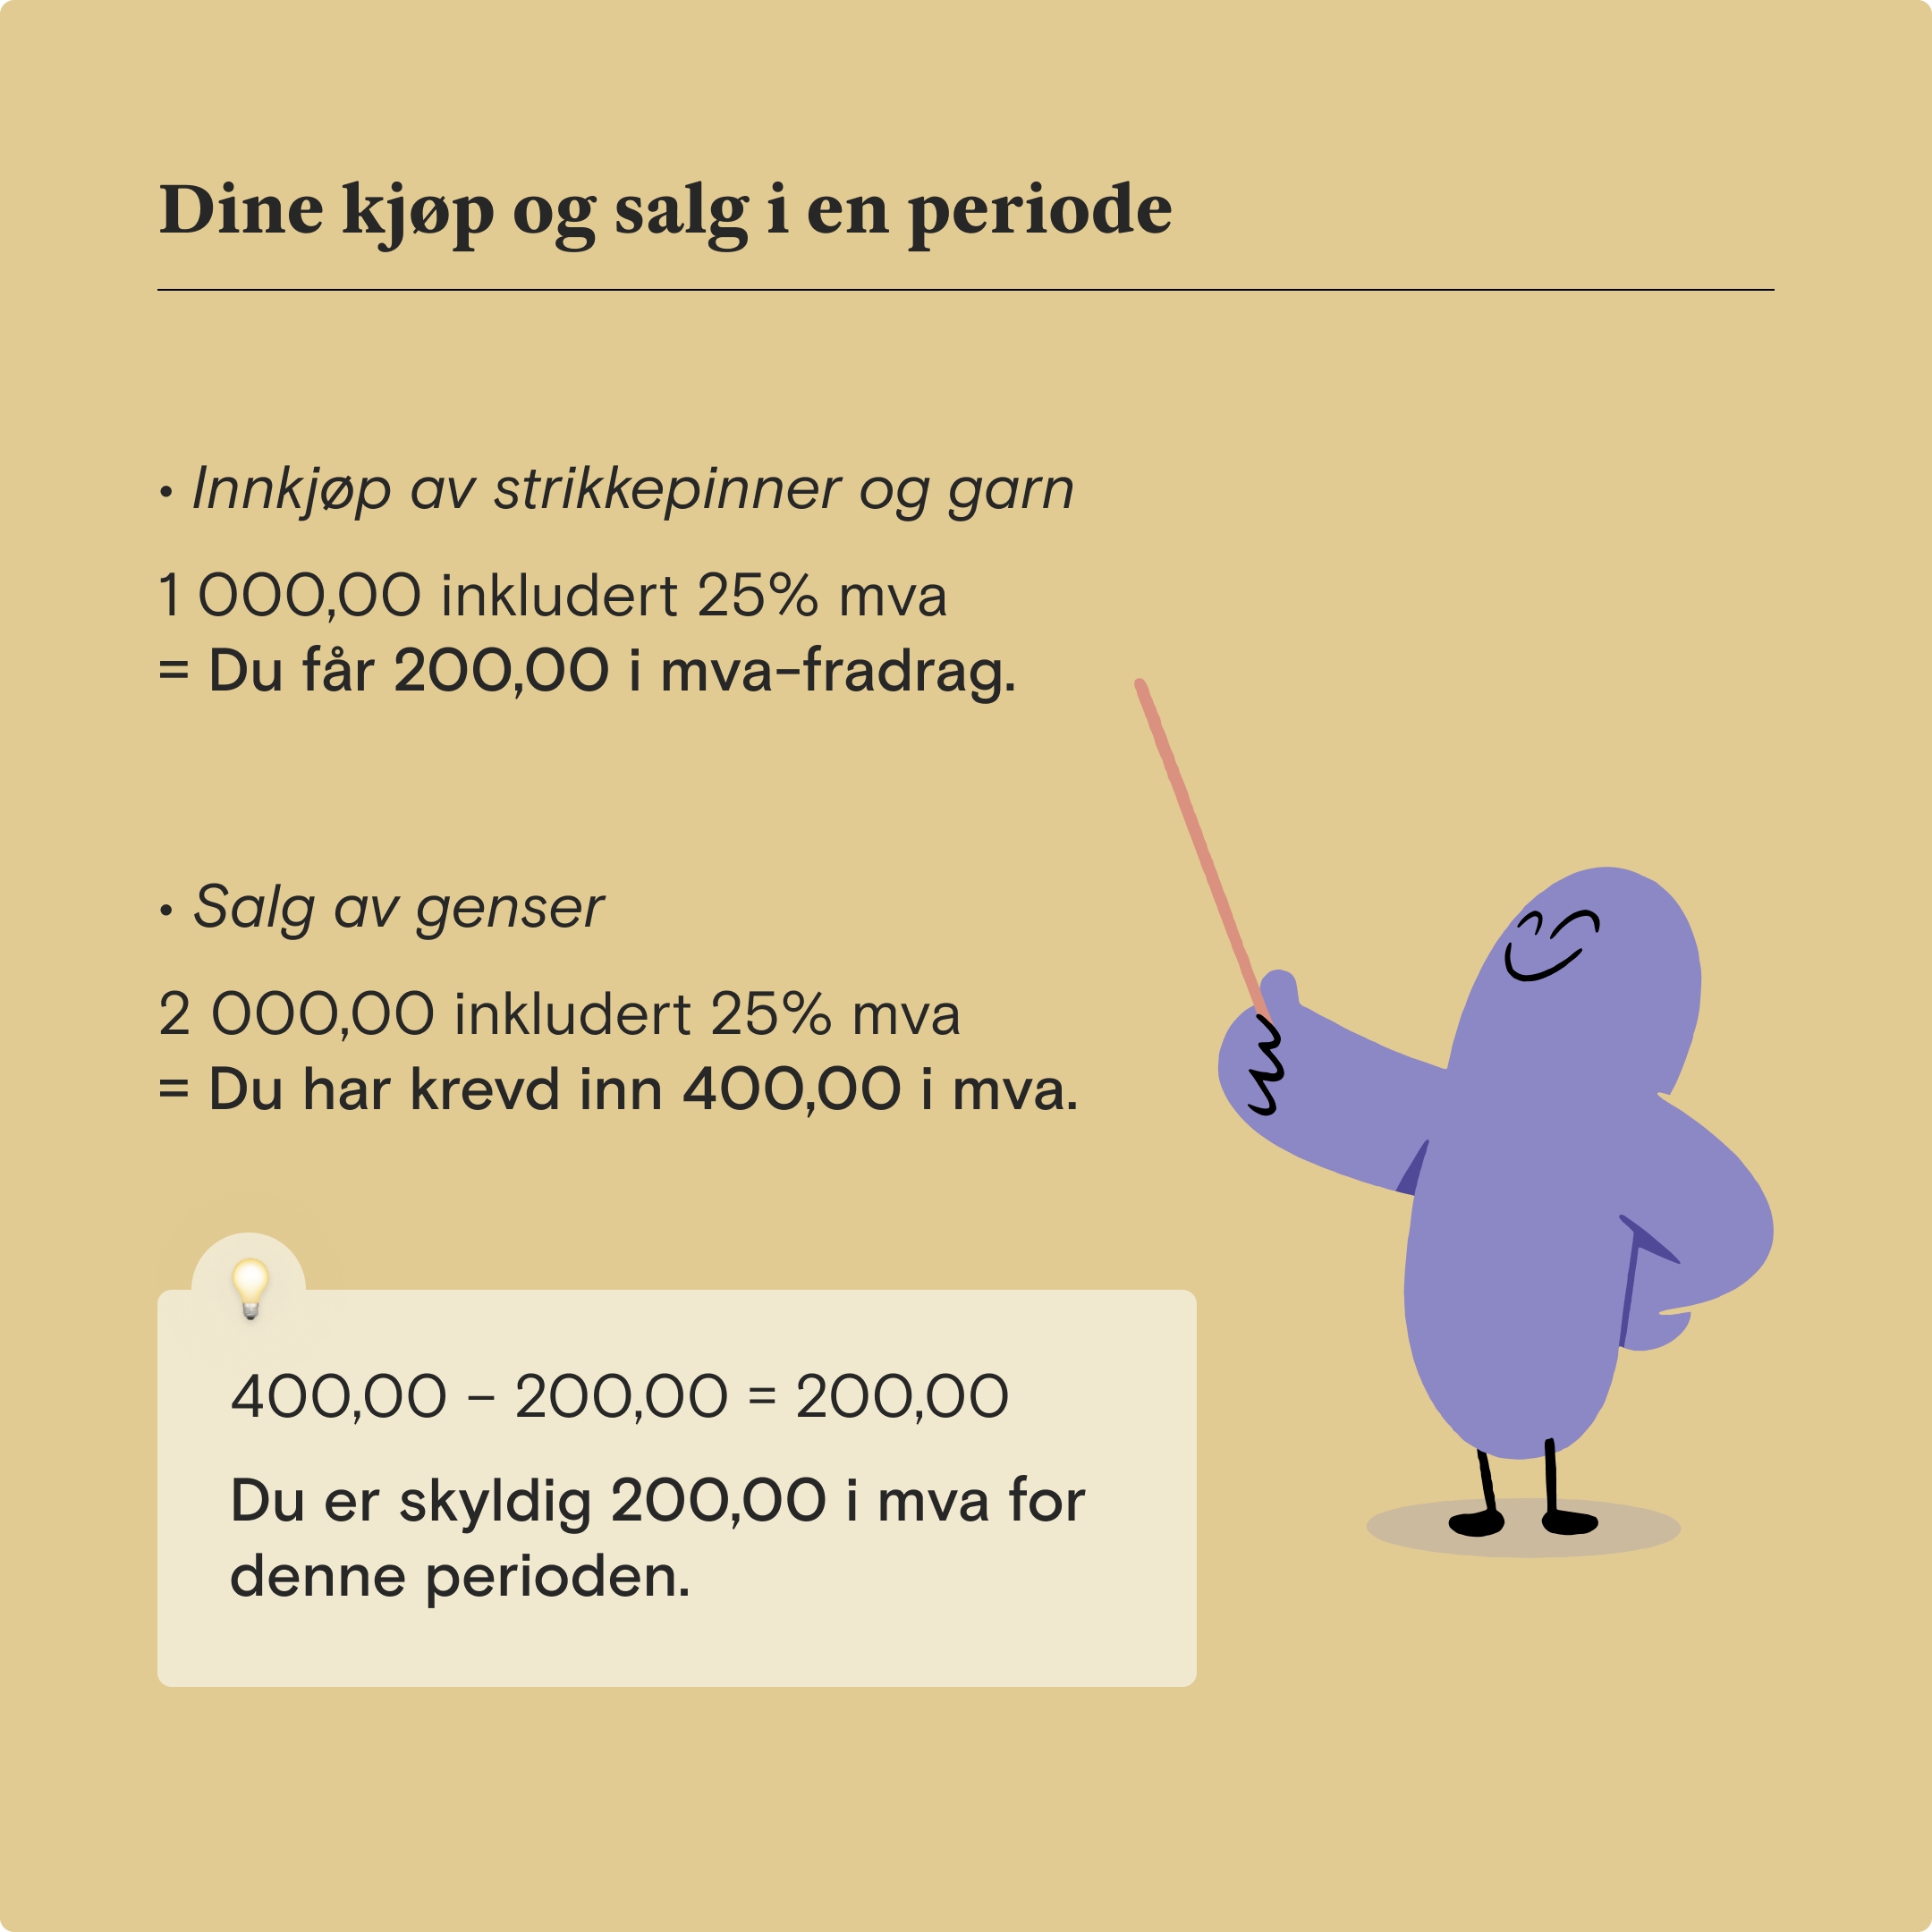 Illustrasjon som viser ekempel på eksempel på et mva-regnestykke